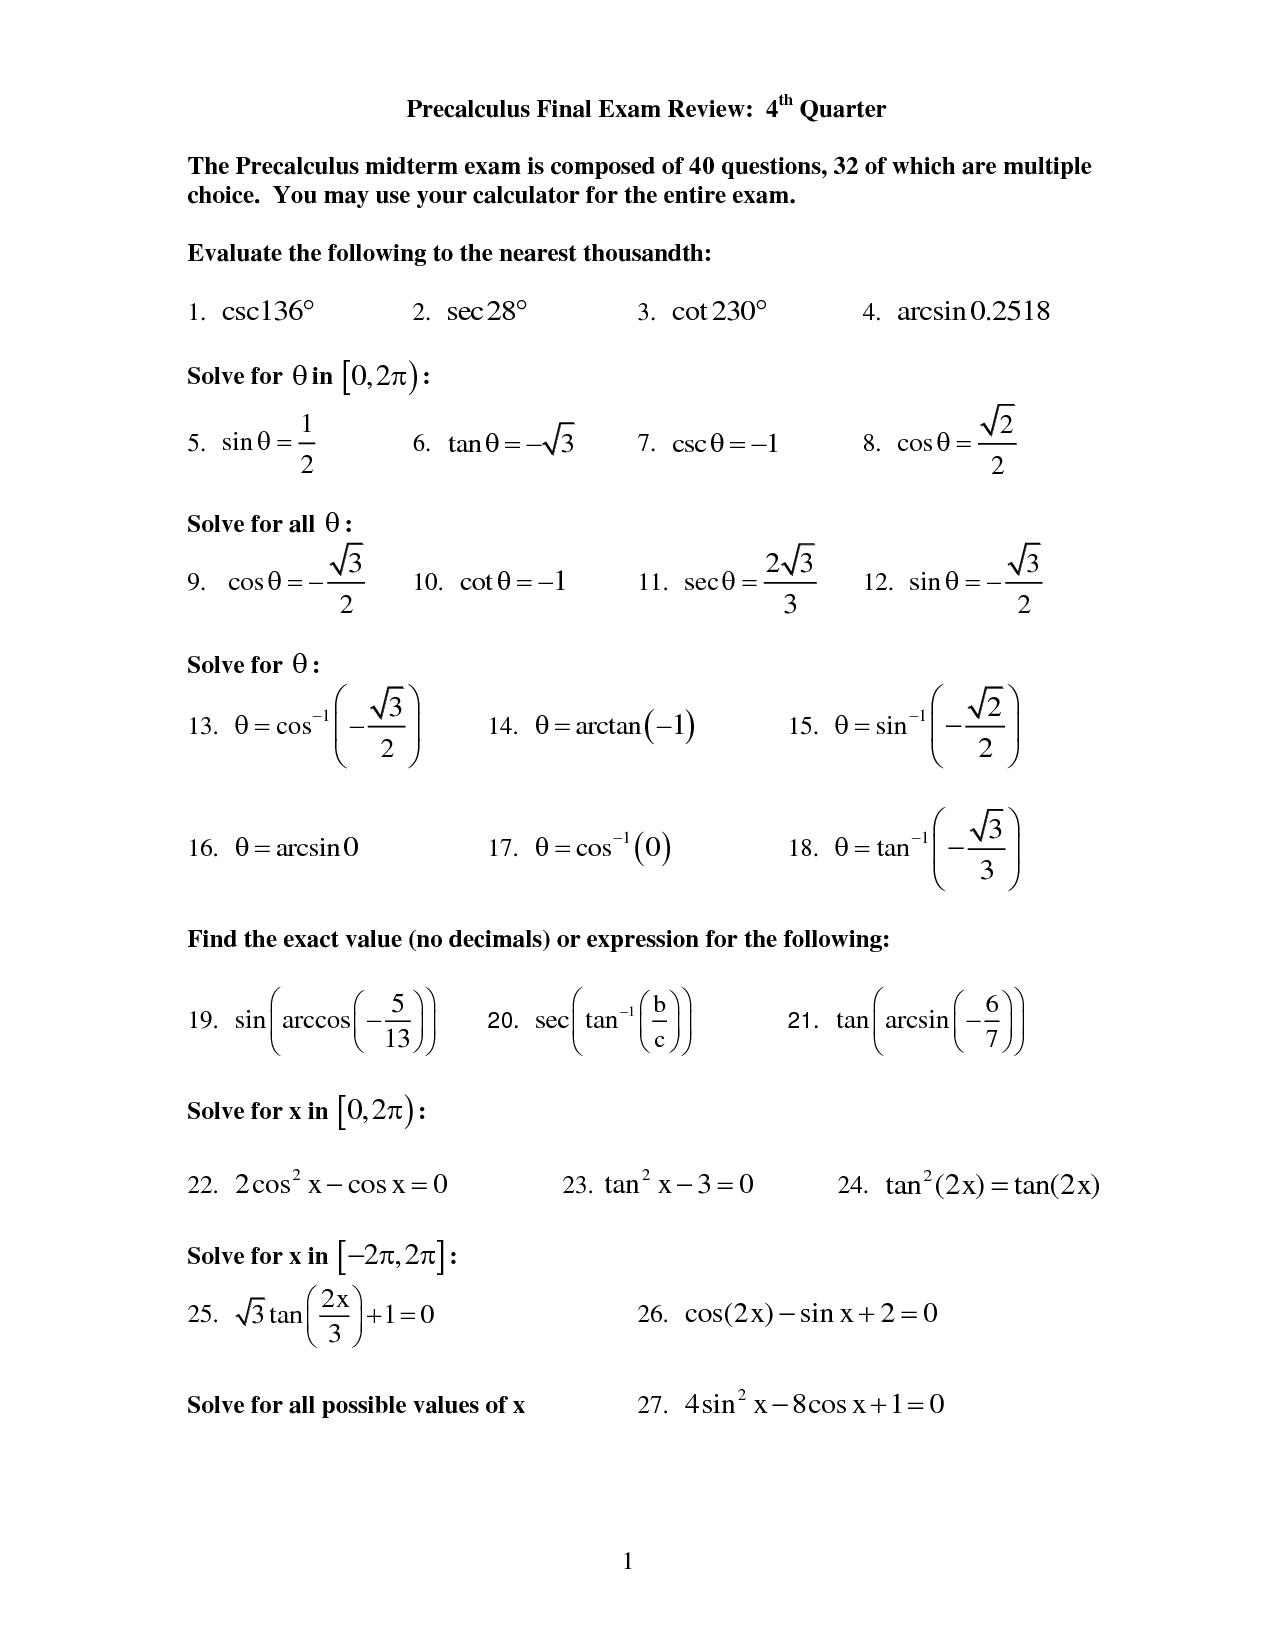 Precalculus Practice Exam Worksheets